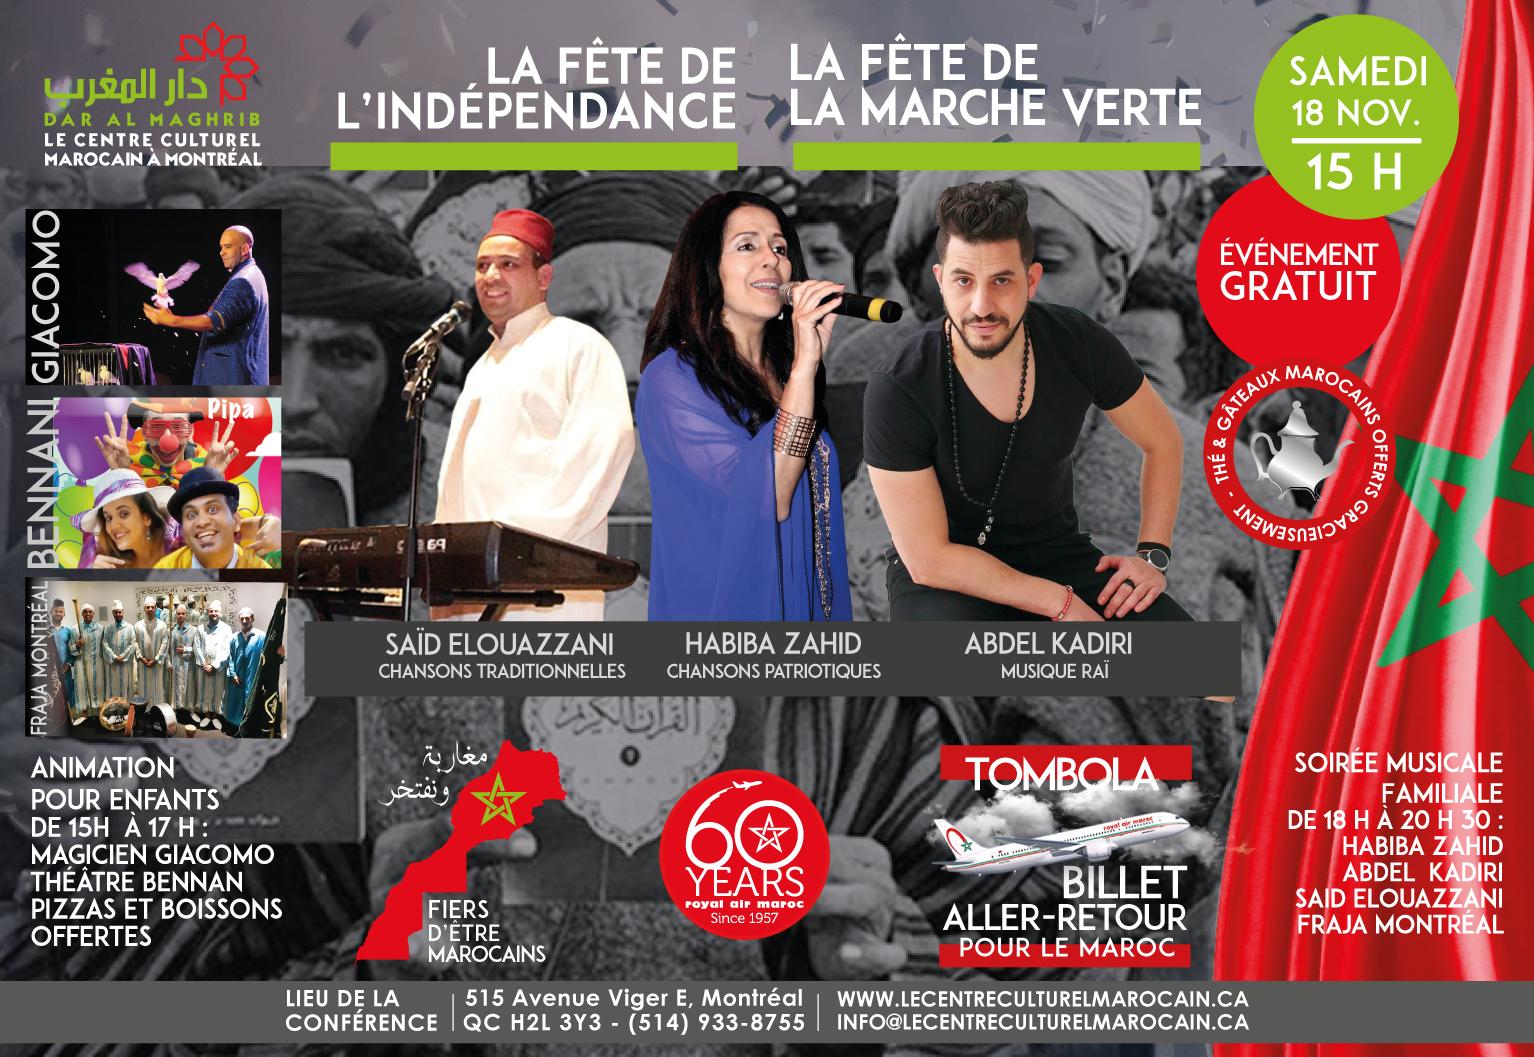 Commémoration de l'Indépendance du Maroc et de la Marche Verte à Dar Al Maghrib